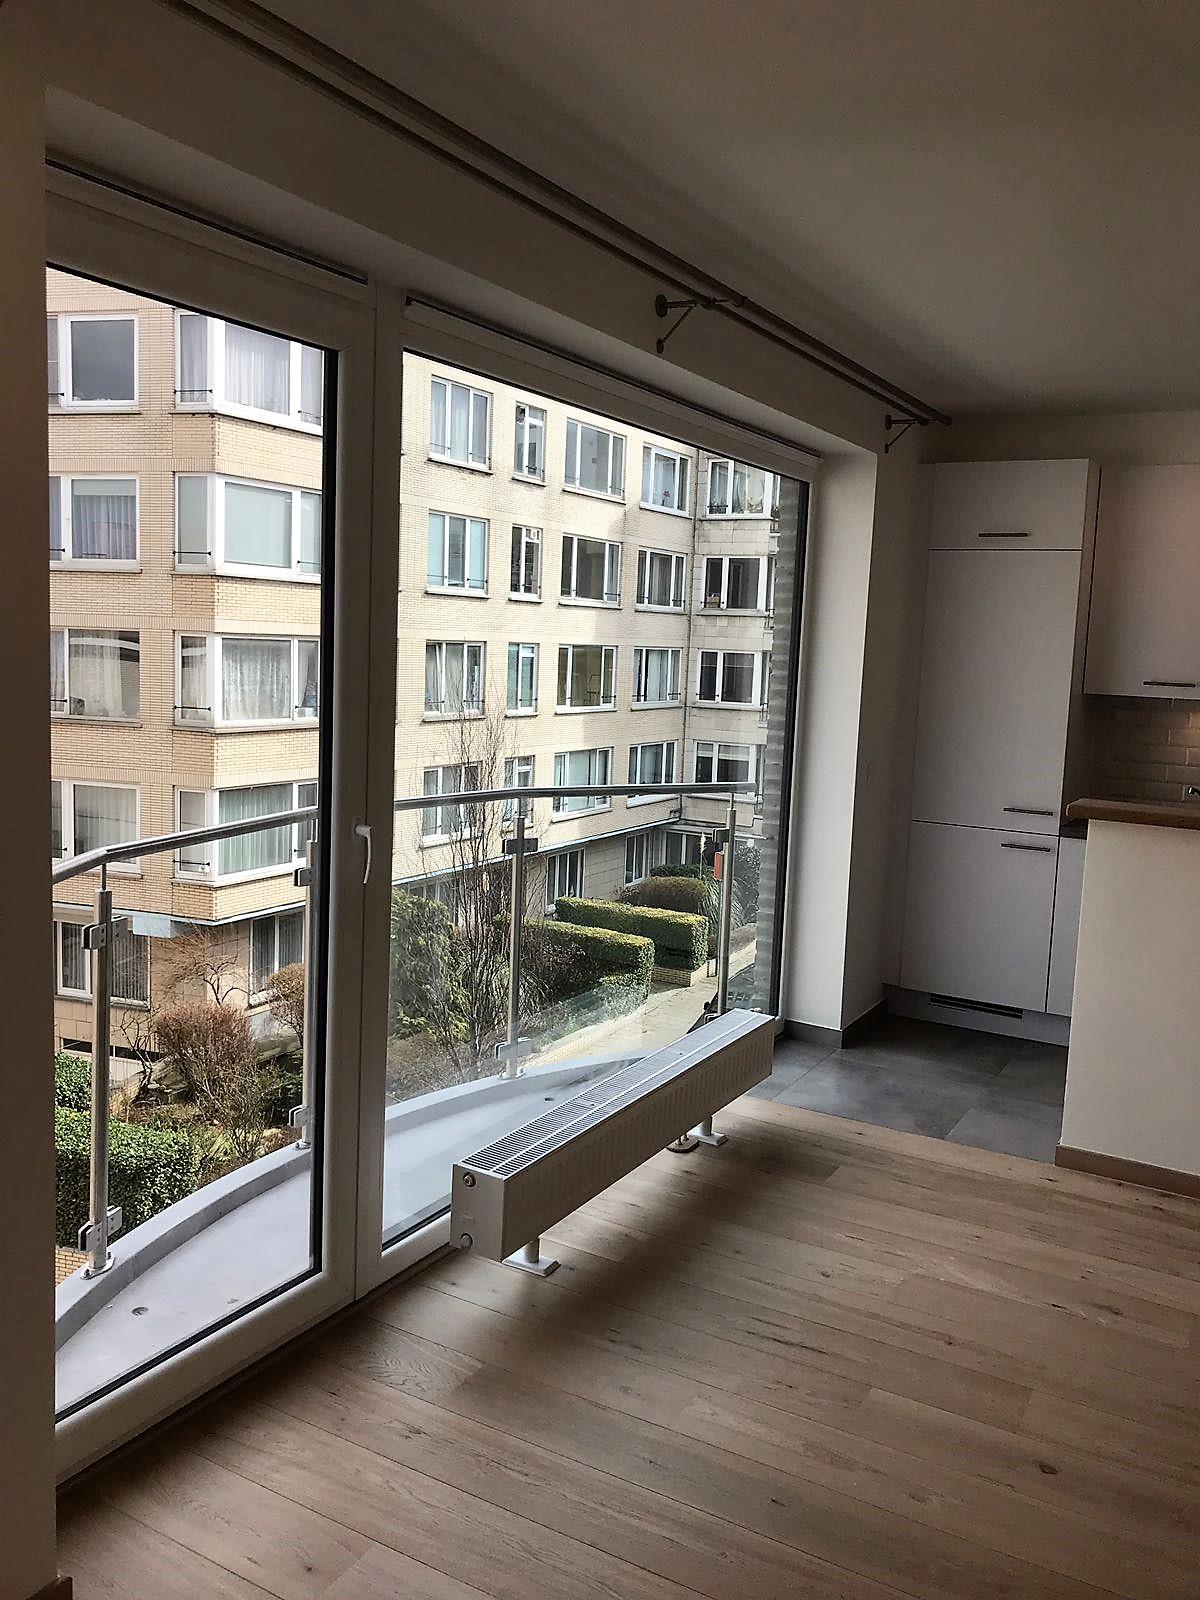 Appartement 2 chambres quartier Place Jourdan